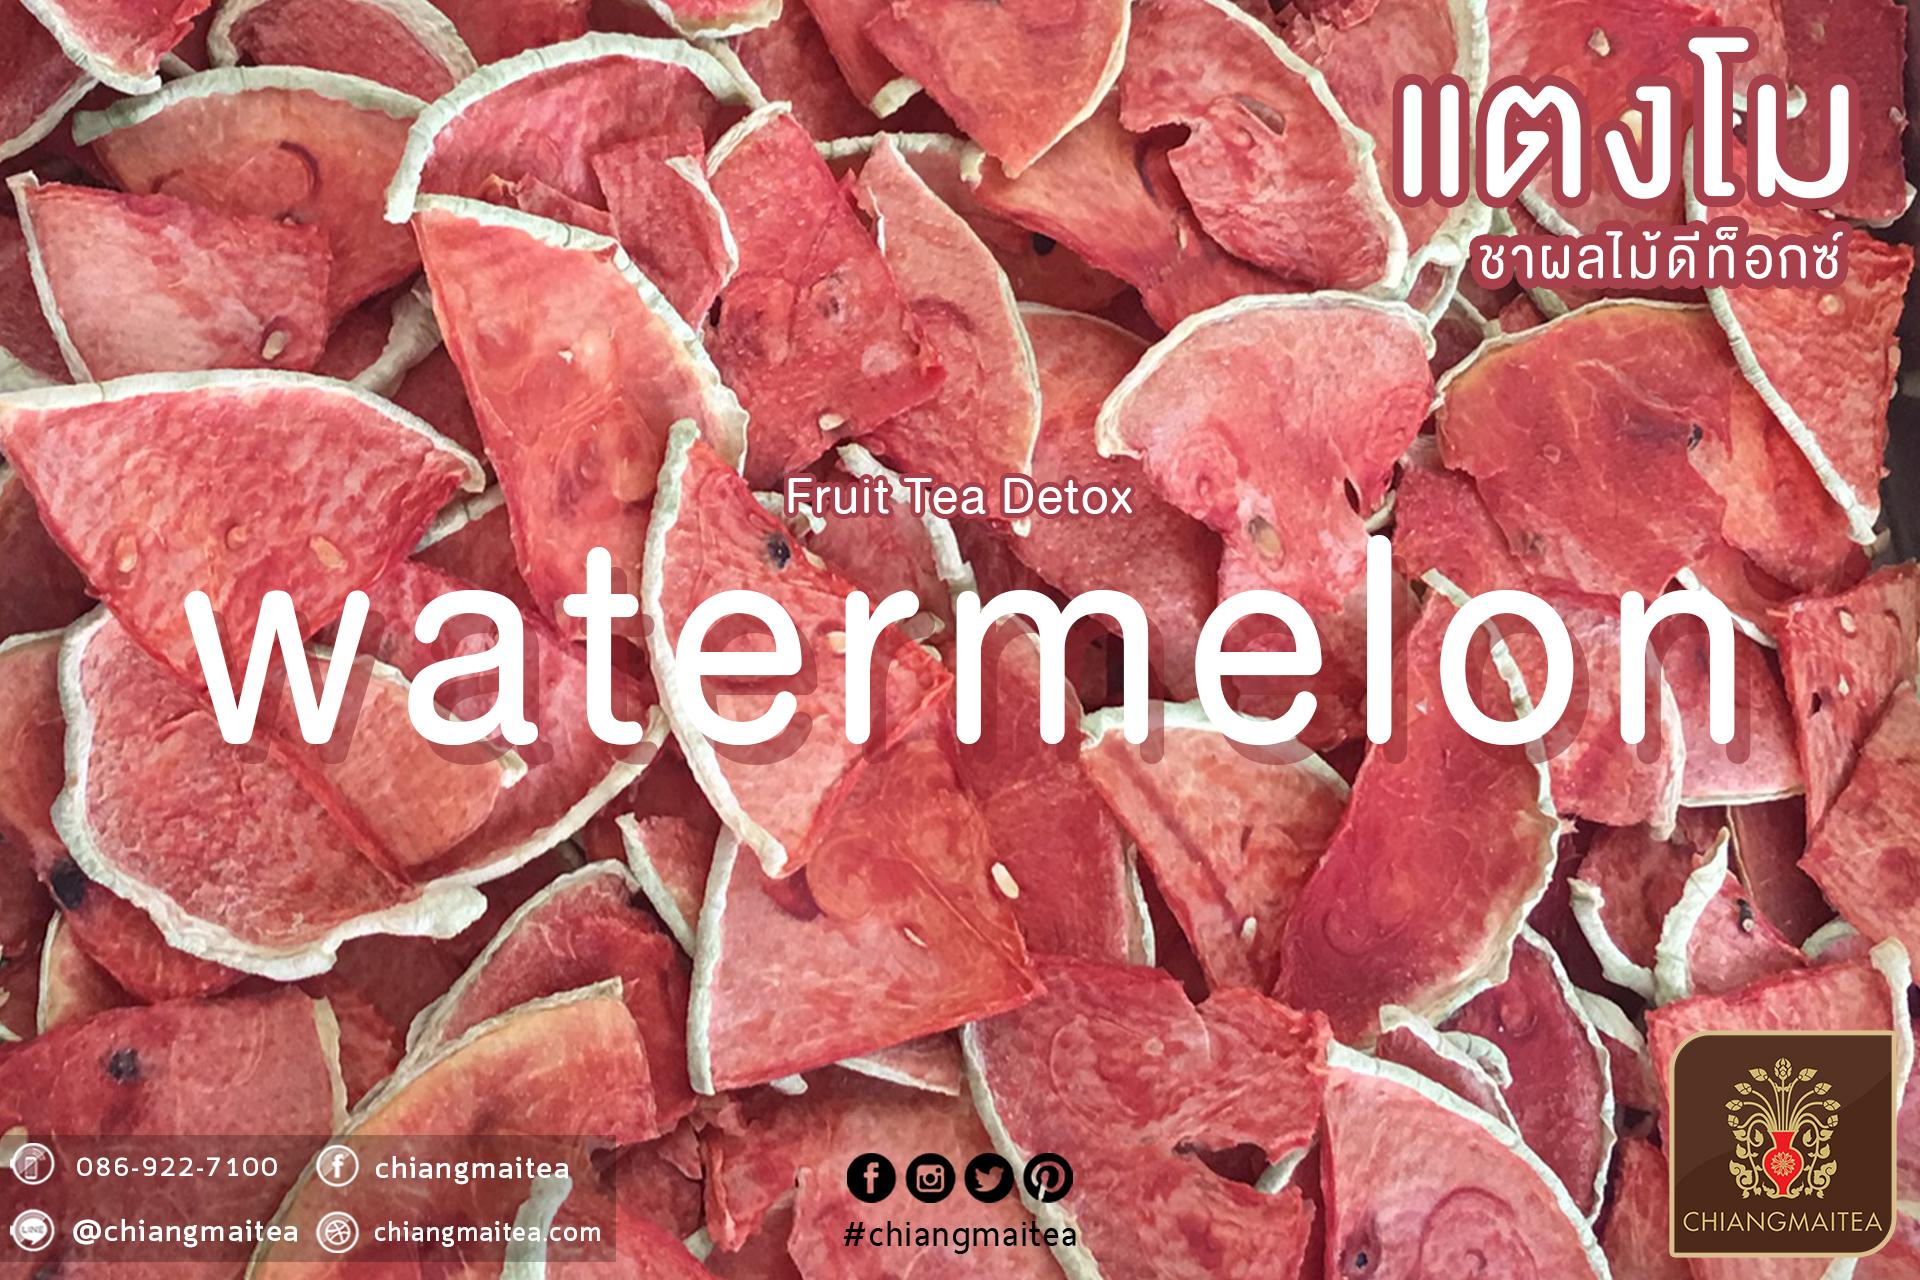 แตงโม ชาผลไม้-ดีท็อกซ์ (FruitTea-Detox)